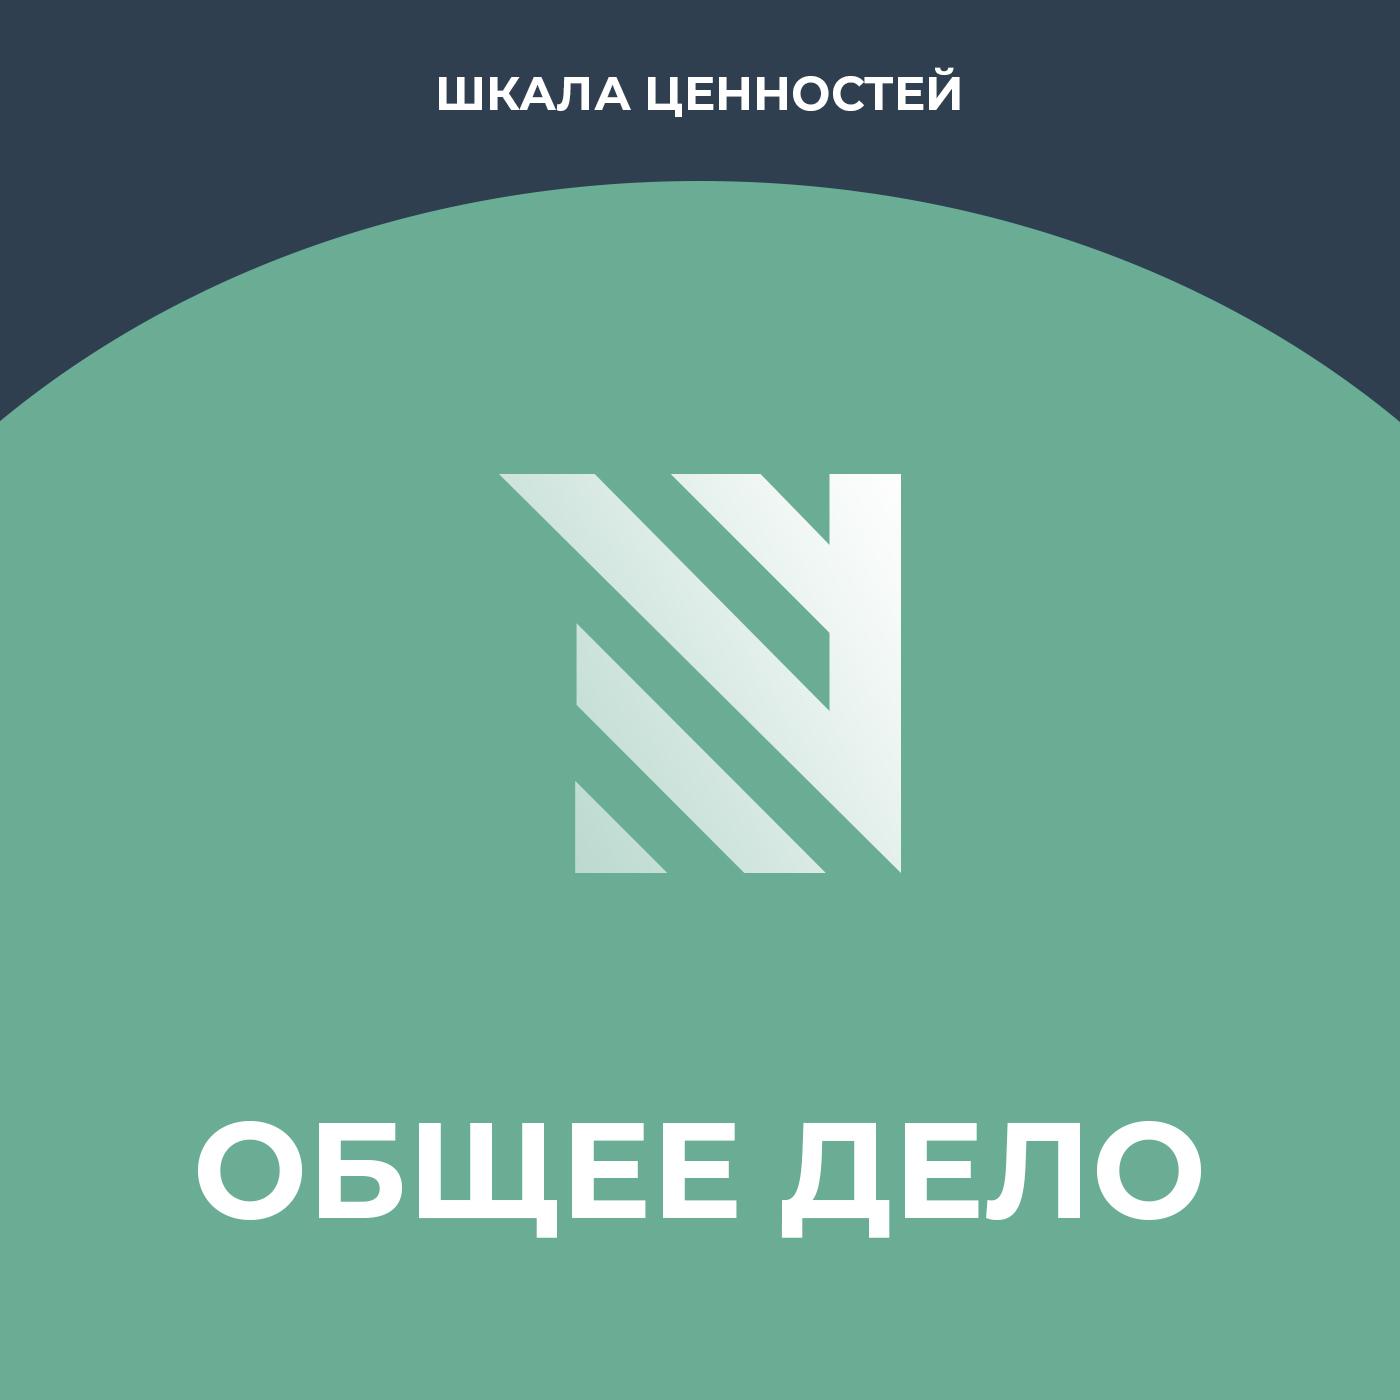 Общее дело #10. Евгений Дрогов. Как работает поддержка местных инициатив